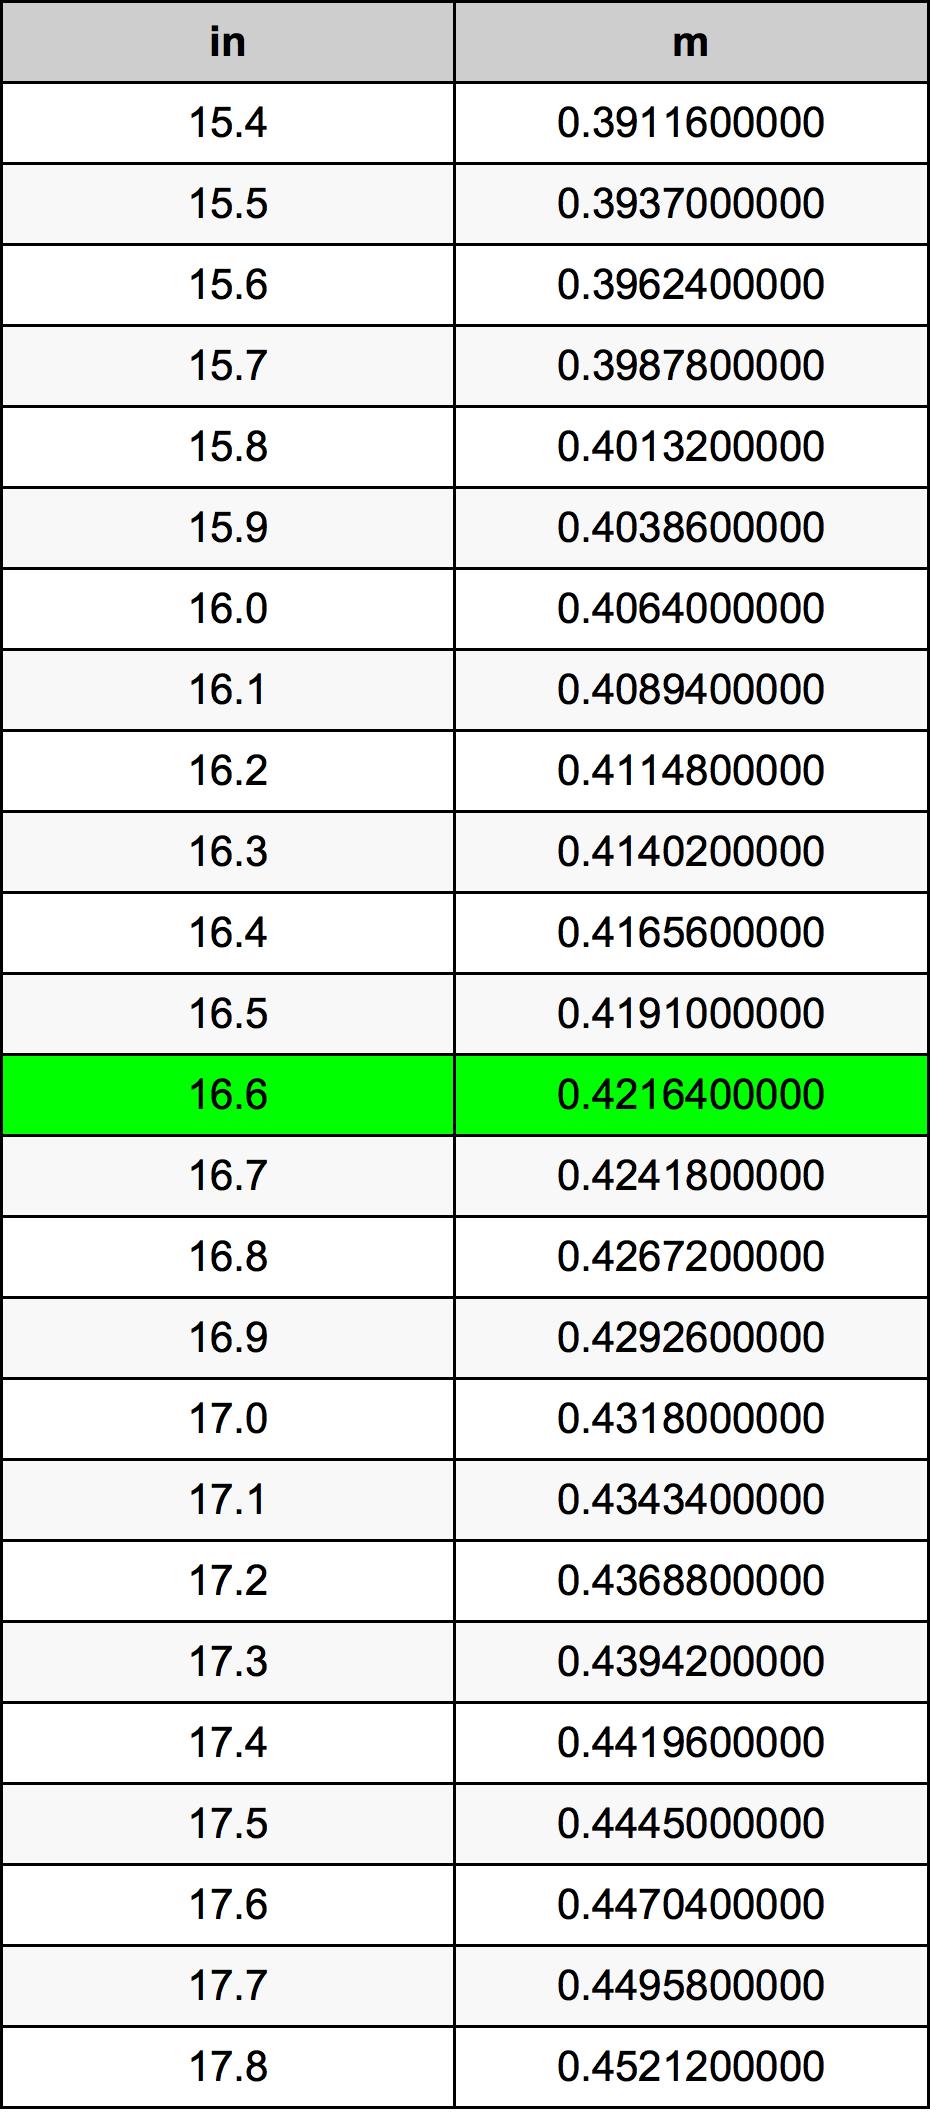 16.6 인치 변환 표